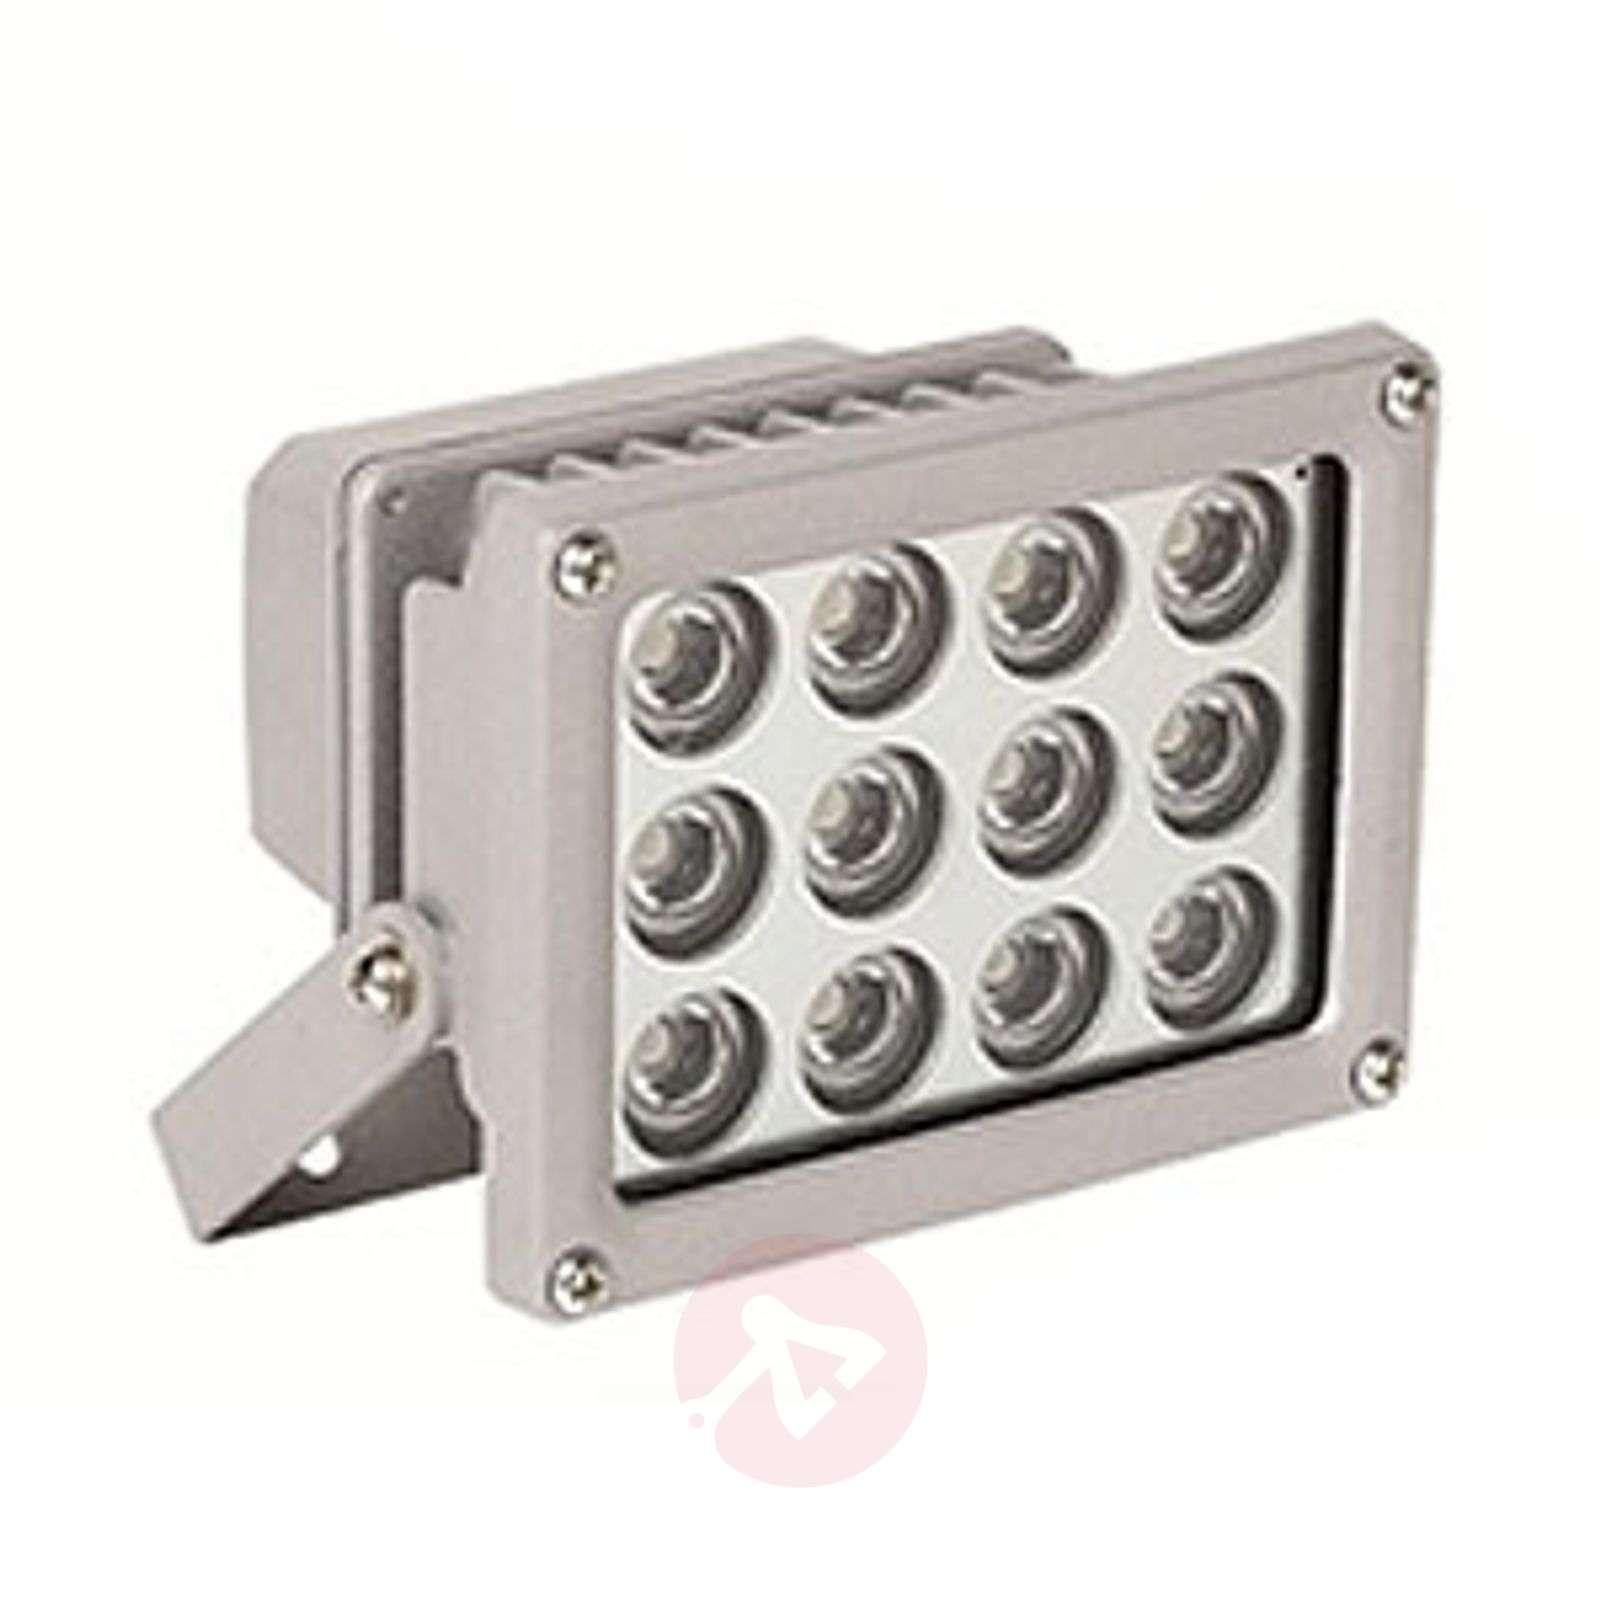 403 LED Outside Spotlight High-Power-5000227-01